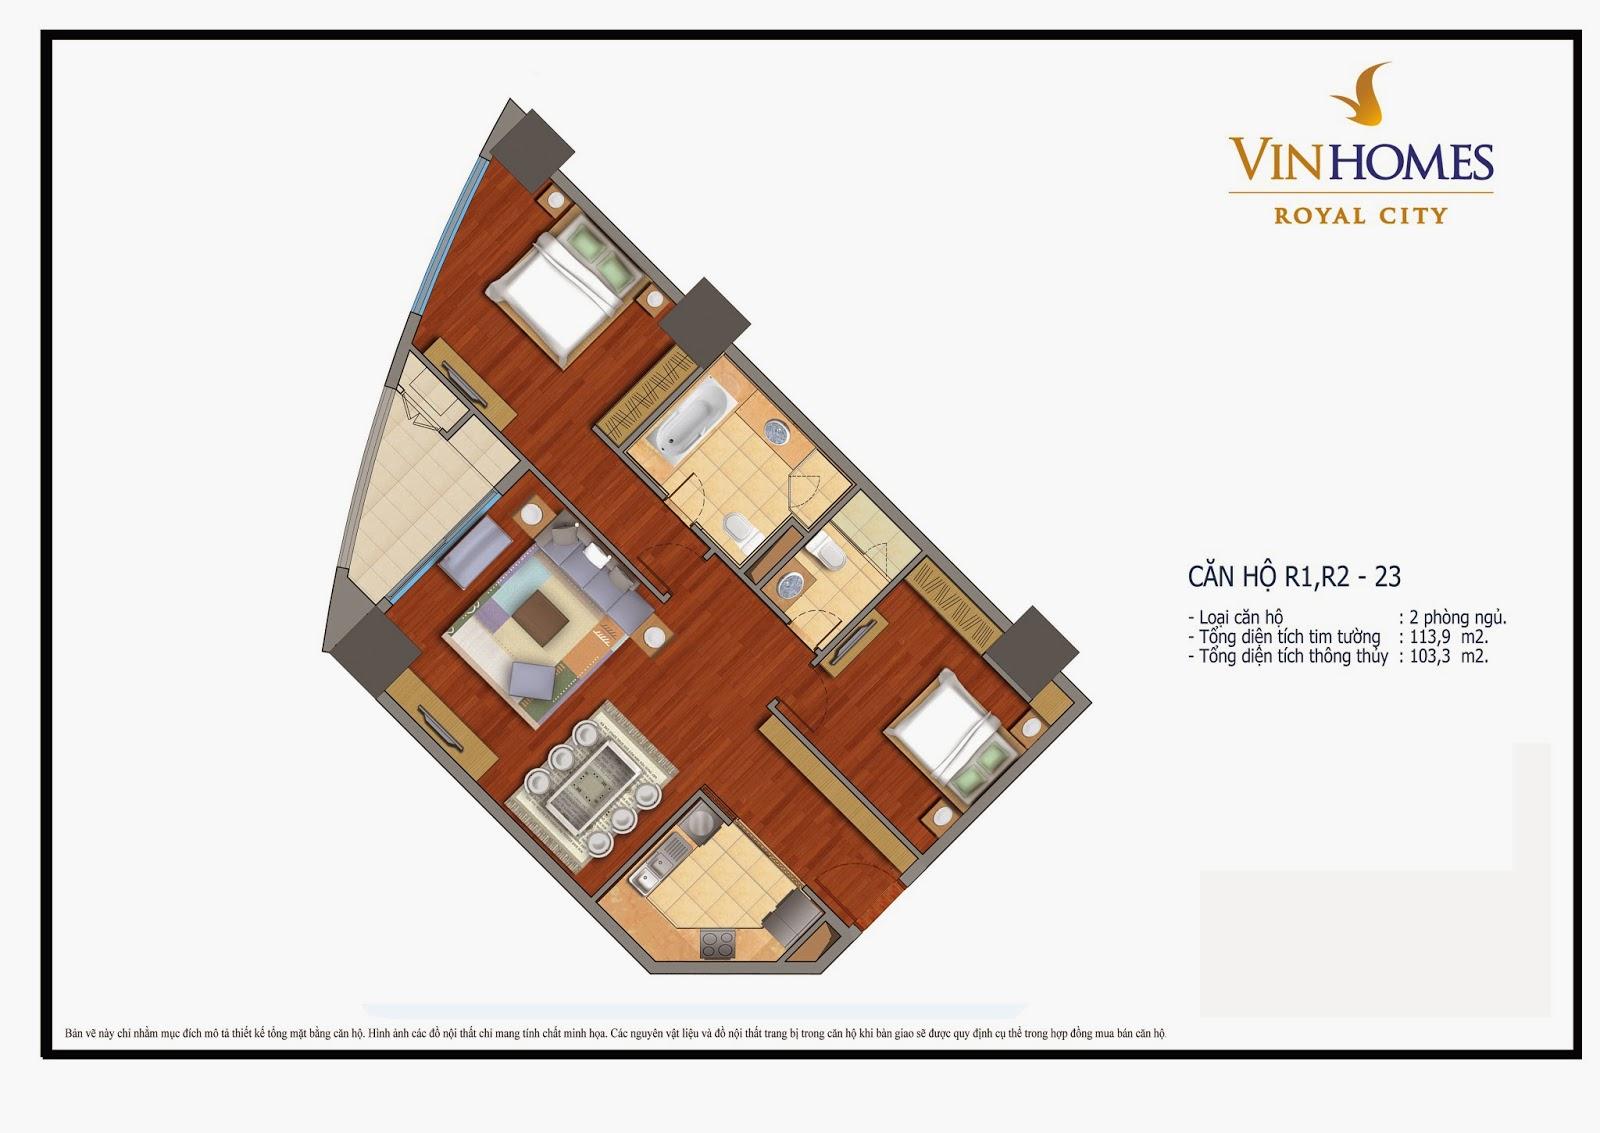 Mặt bằng căn hộ chung cư Vinhomes Royal City